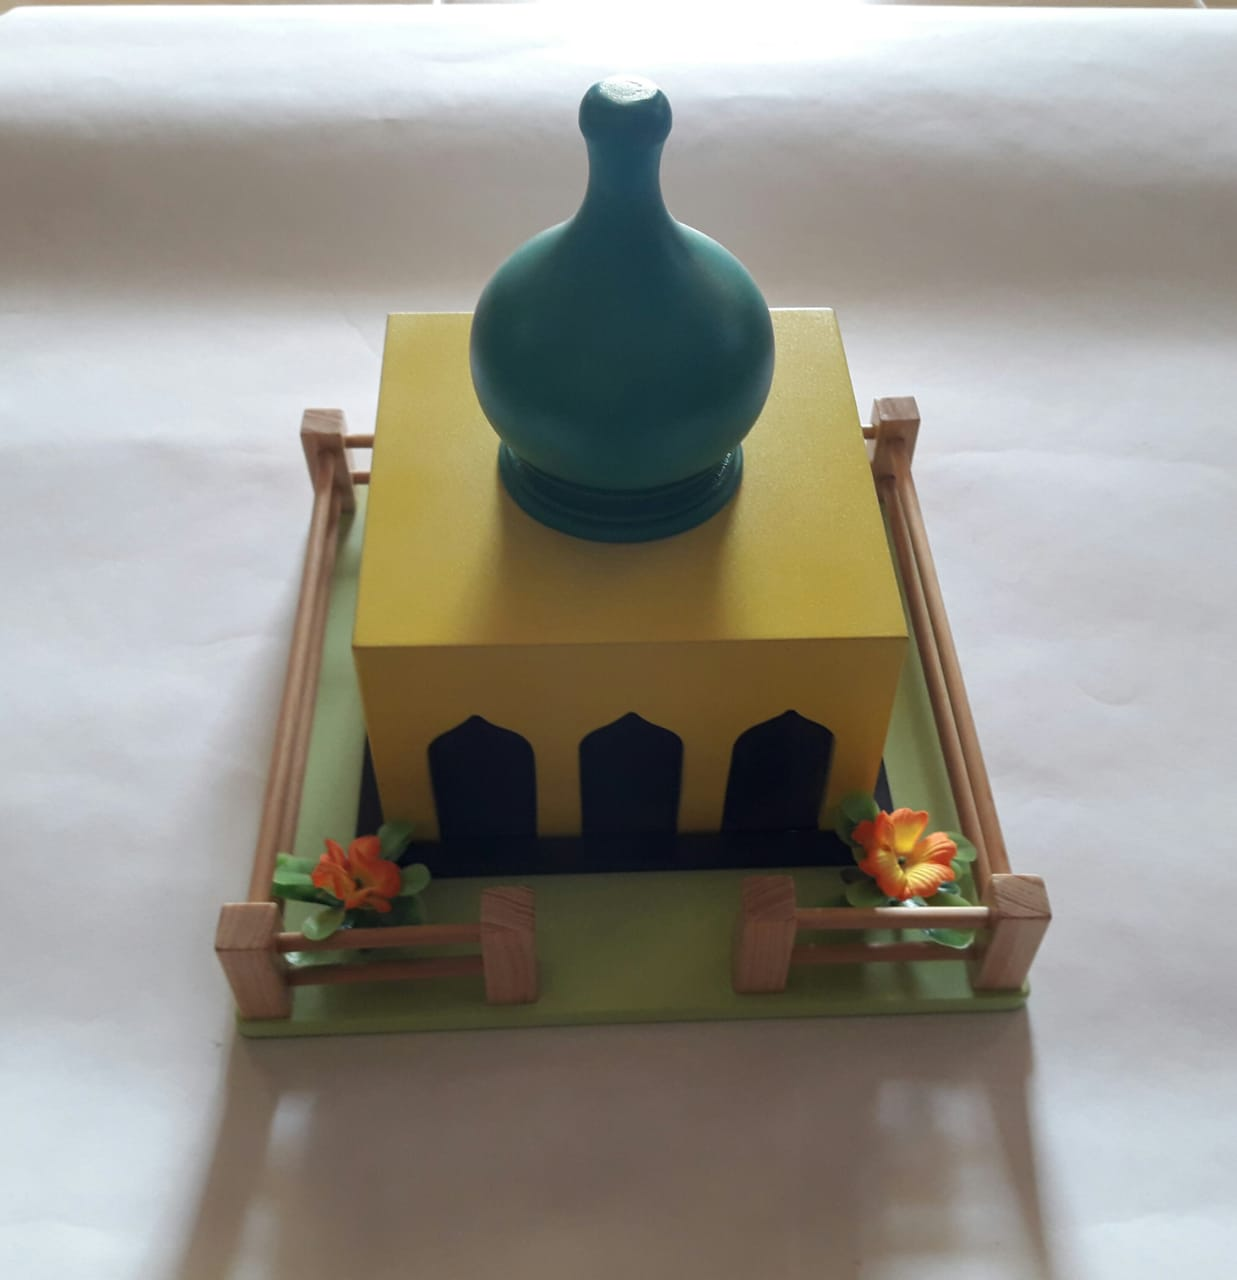 Jual Mainan Anak Edukatif Online Miniatur Masjid